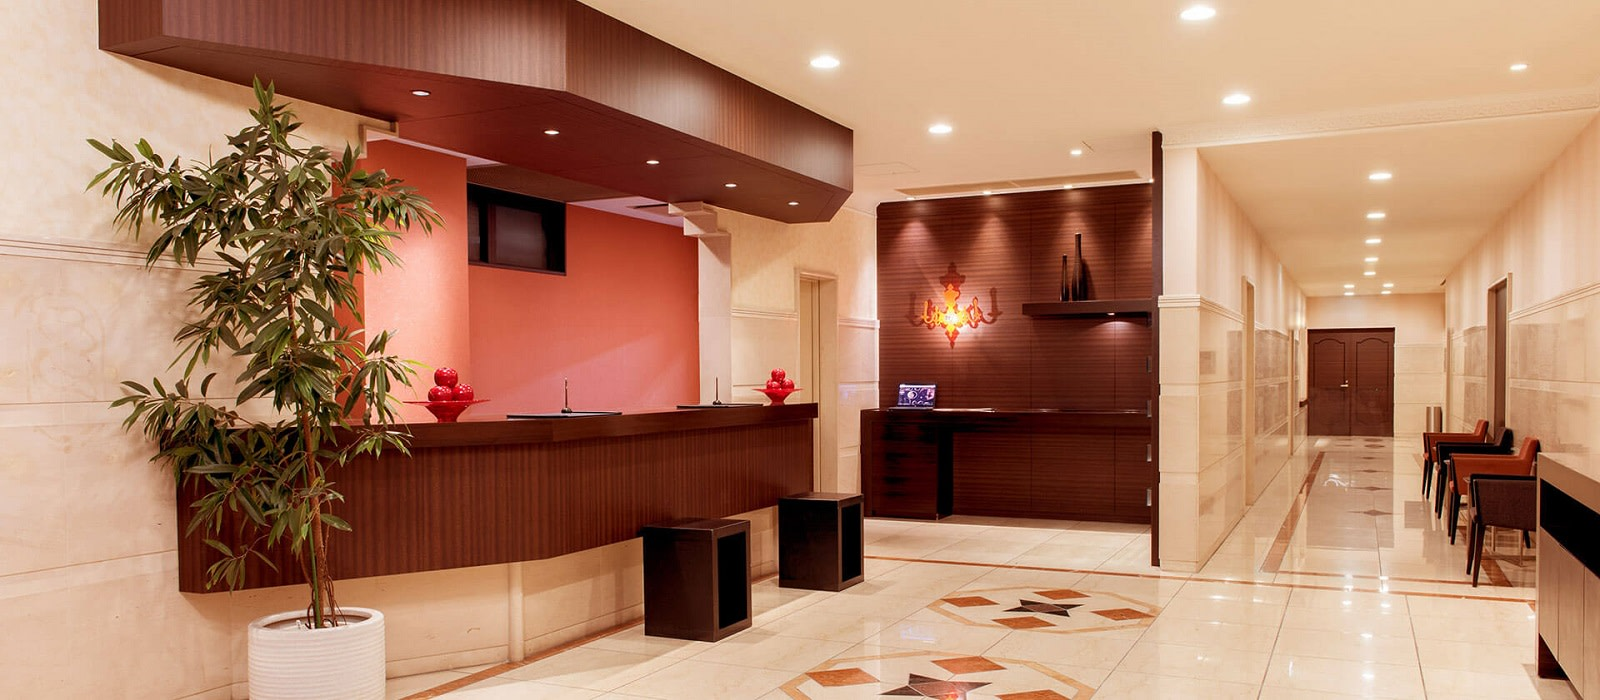 Hotel The B Hakata Japan